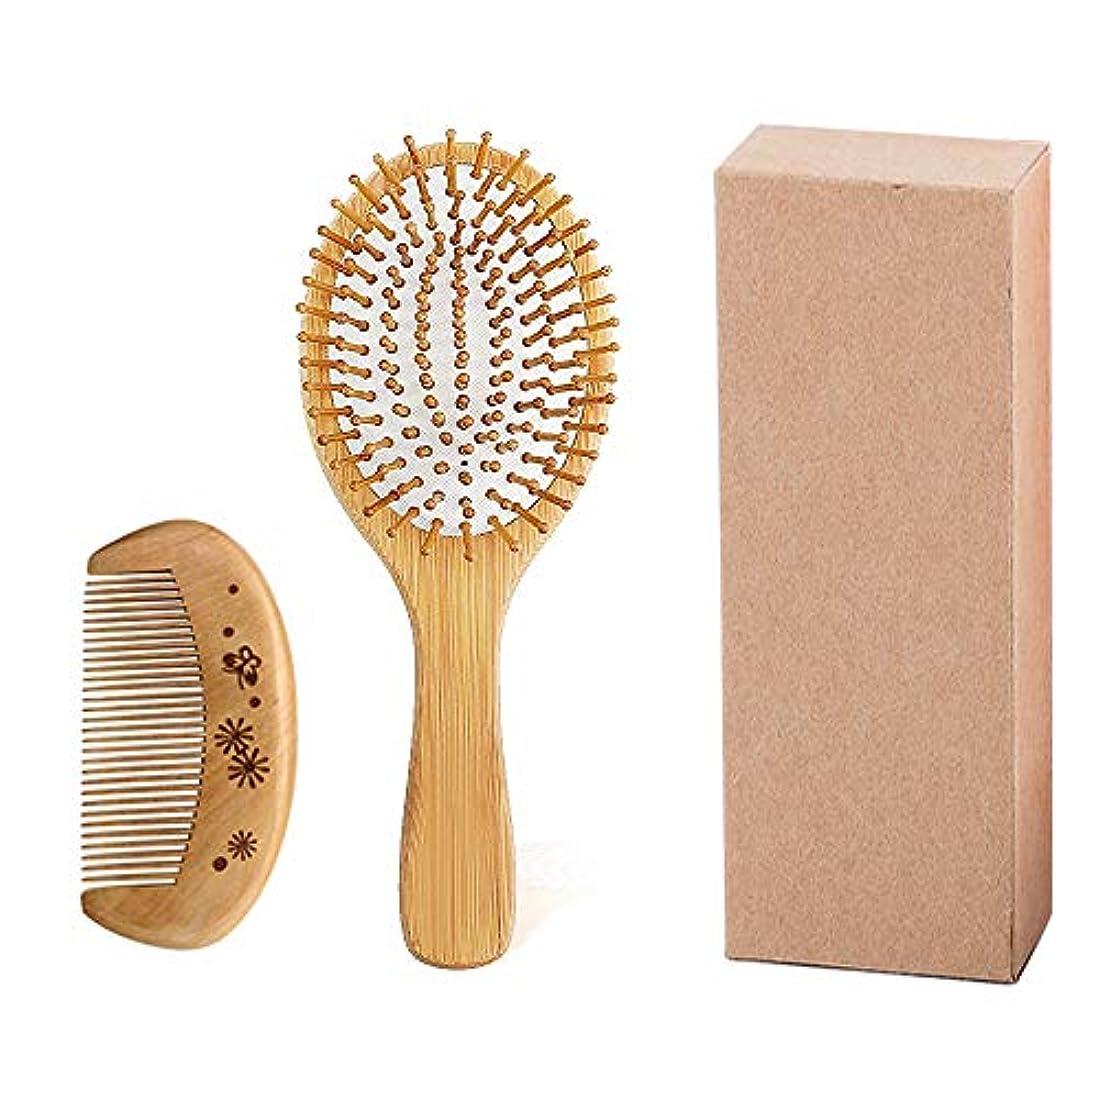 接辞文芸ブロックするすべての髪のタイプ、髪のDetangler、竹の木のクッションマッサージのための竹の毛と100%ナチュラルヘアブラシ、女性と男性と子供のためのアンチスタティックヘアブラシ(ラウンド)